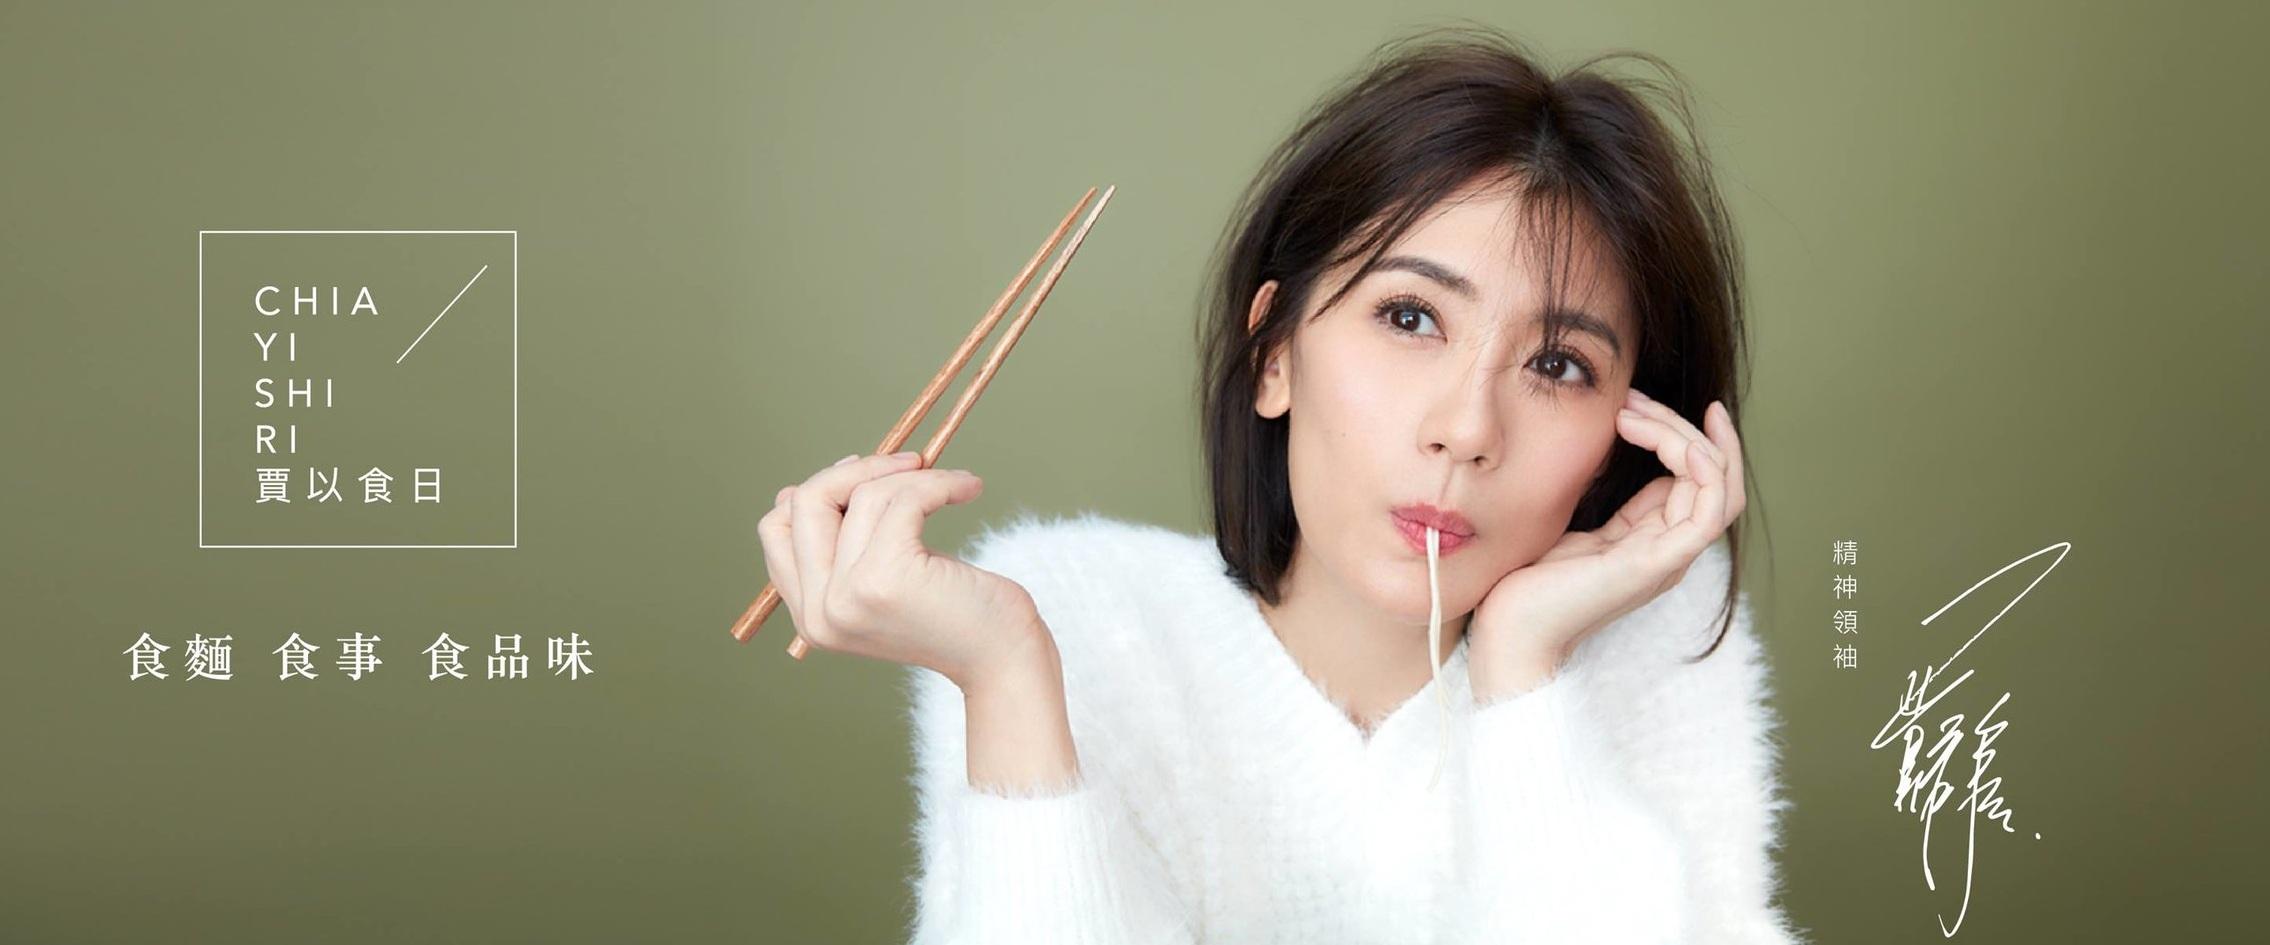 chia yi shi ri.jpg